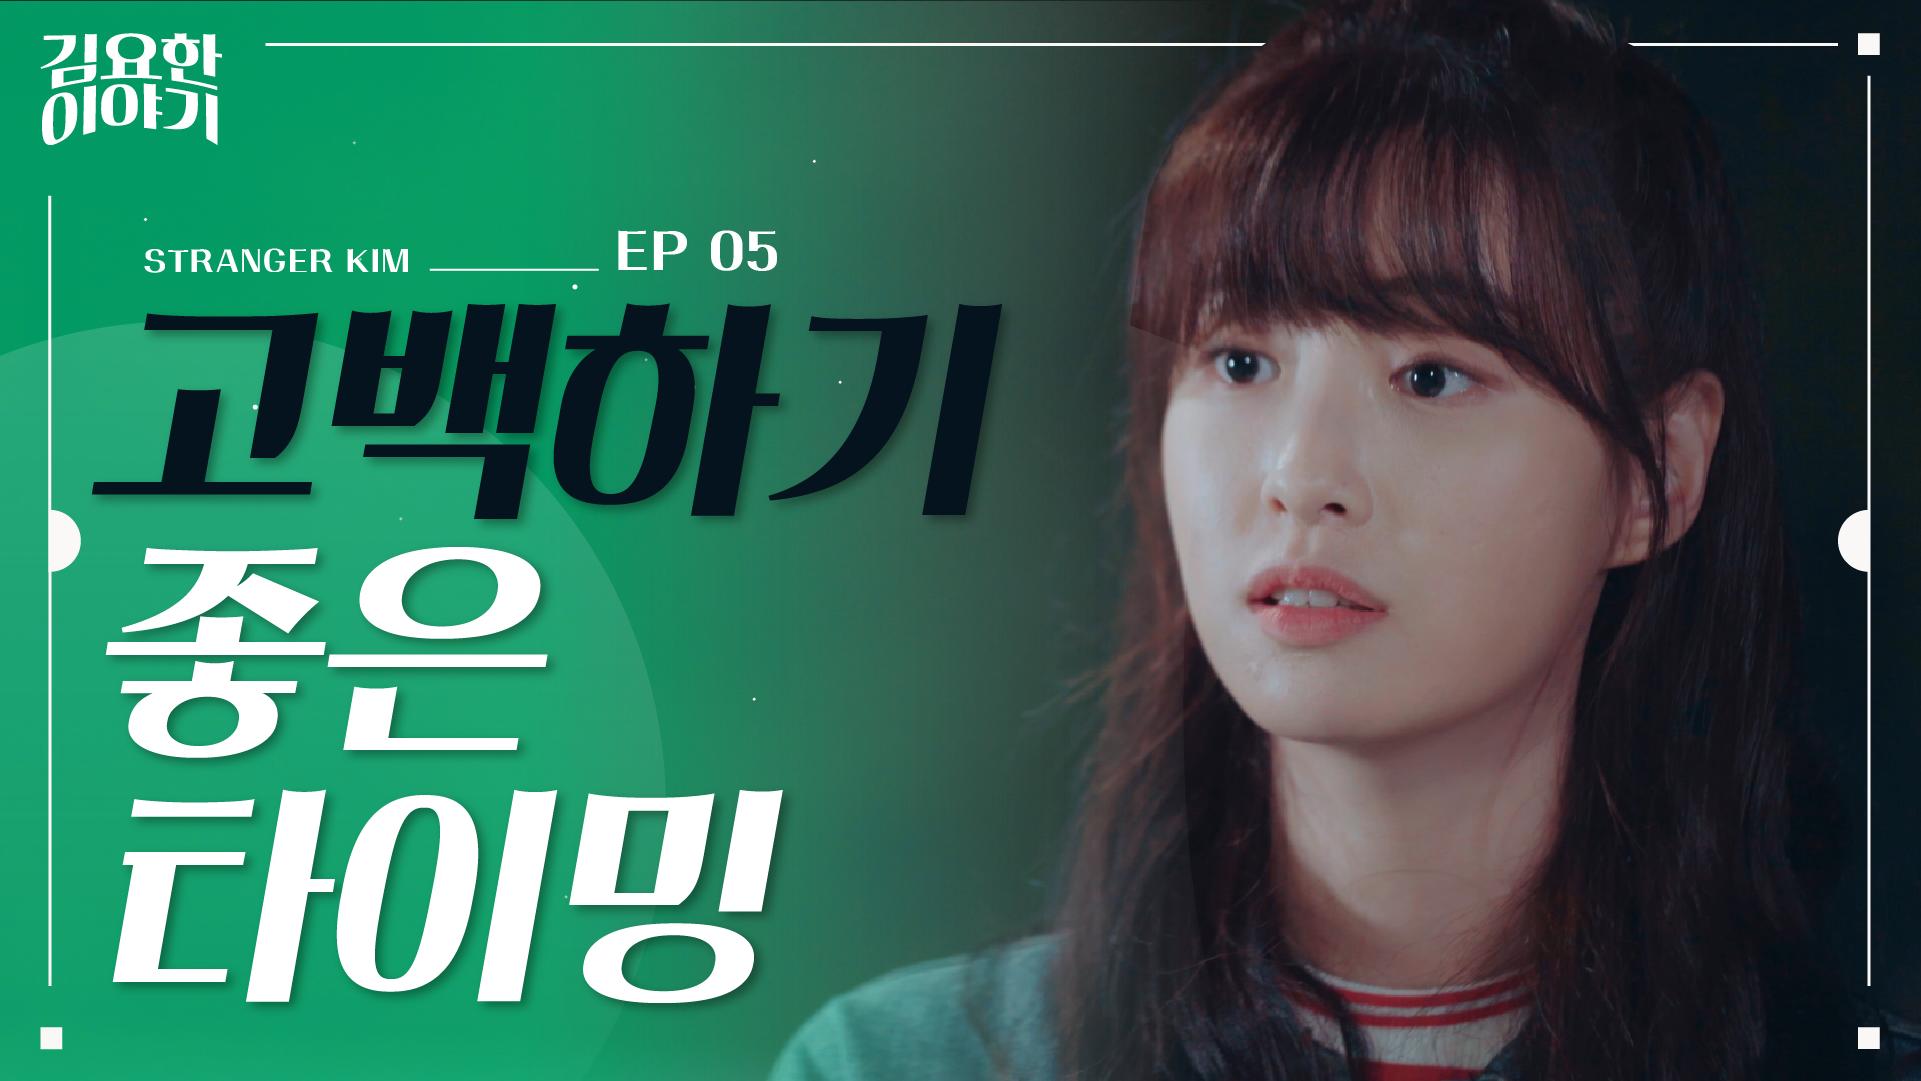 💞 고백에 성공하는 법 [김요한 이야기] EP05 해피밤